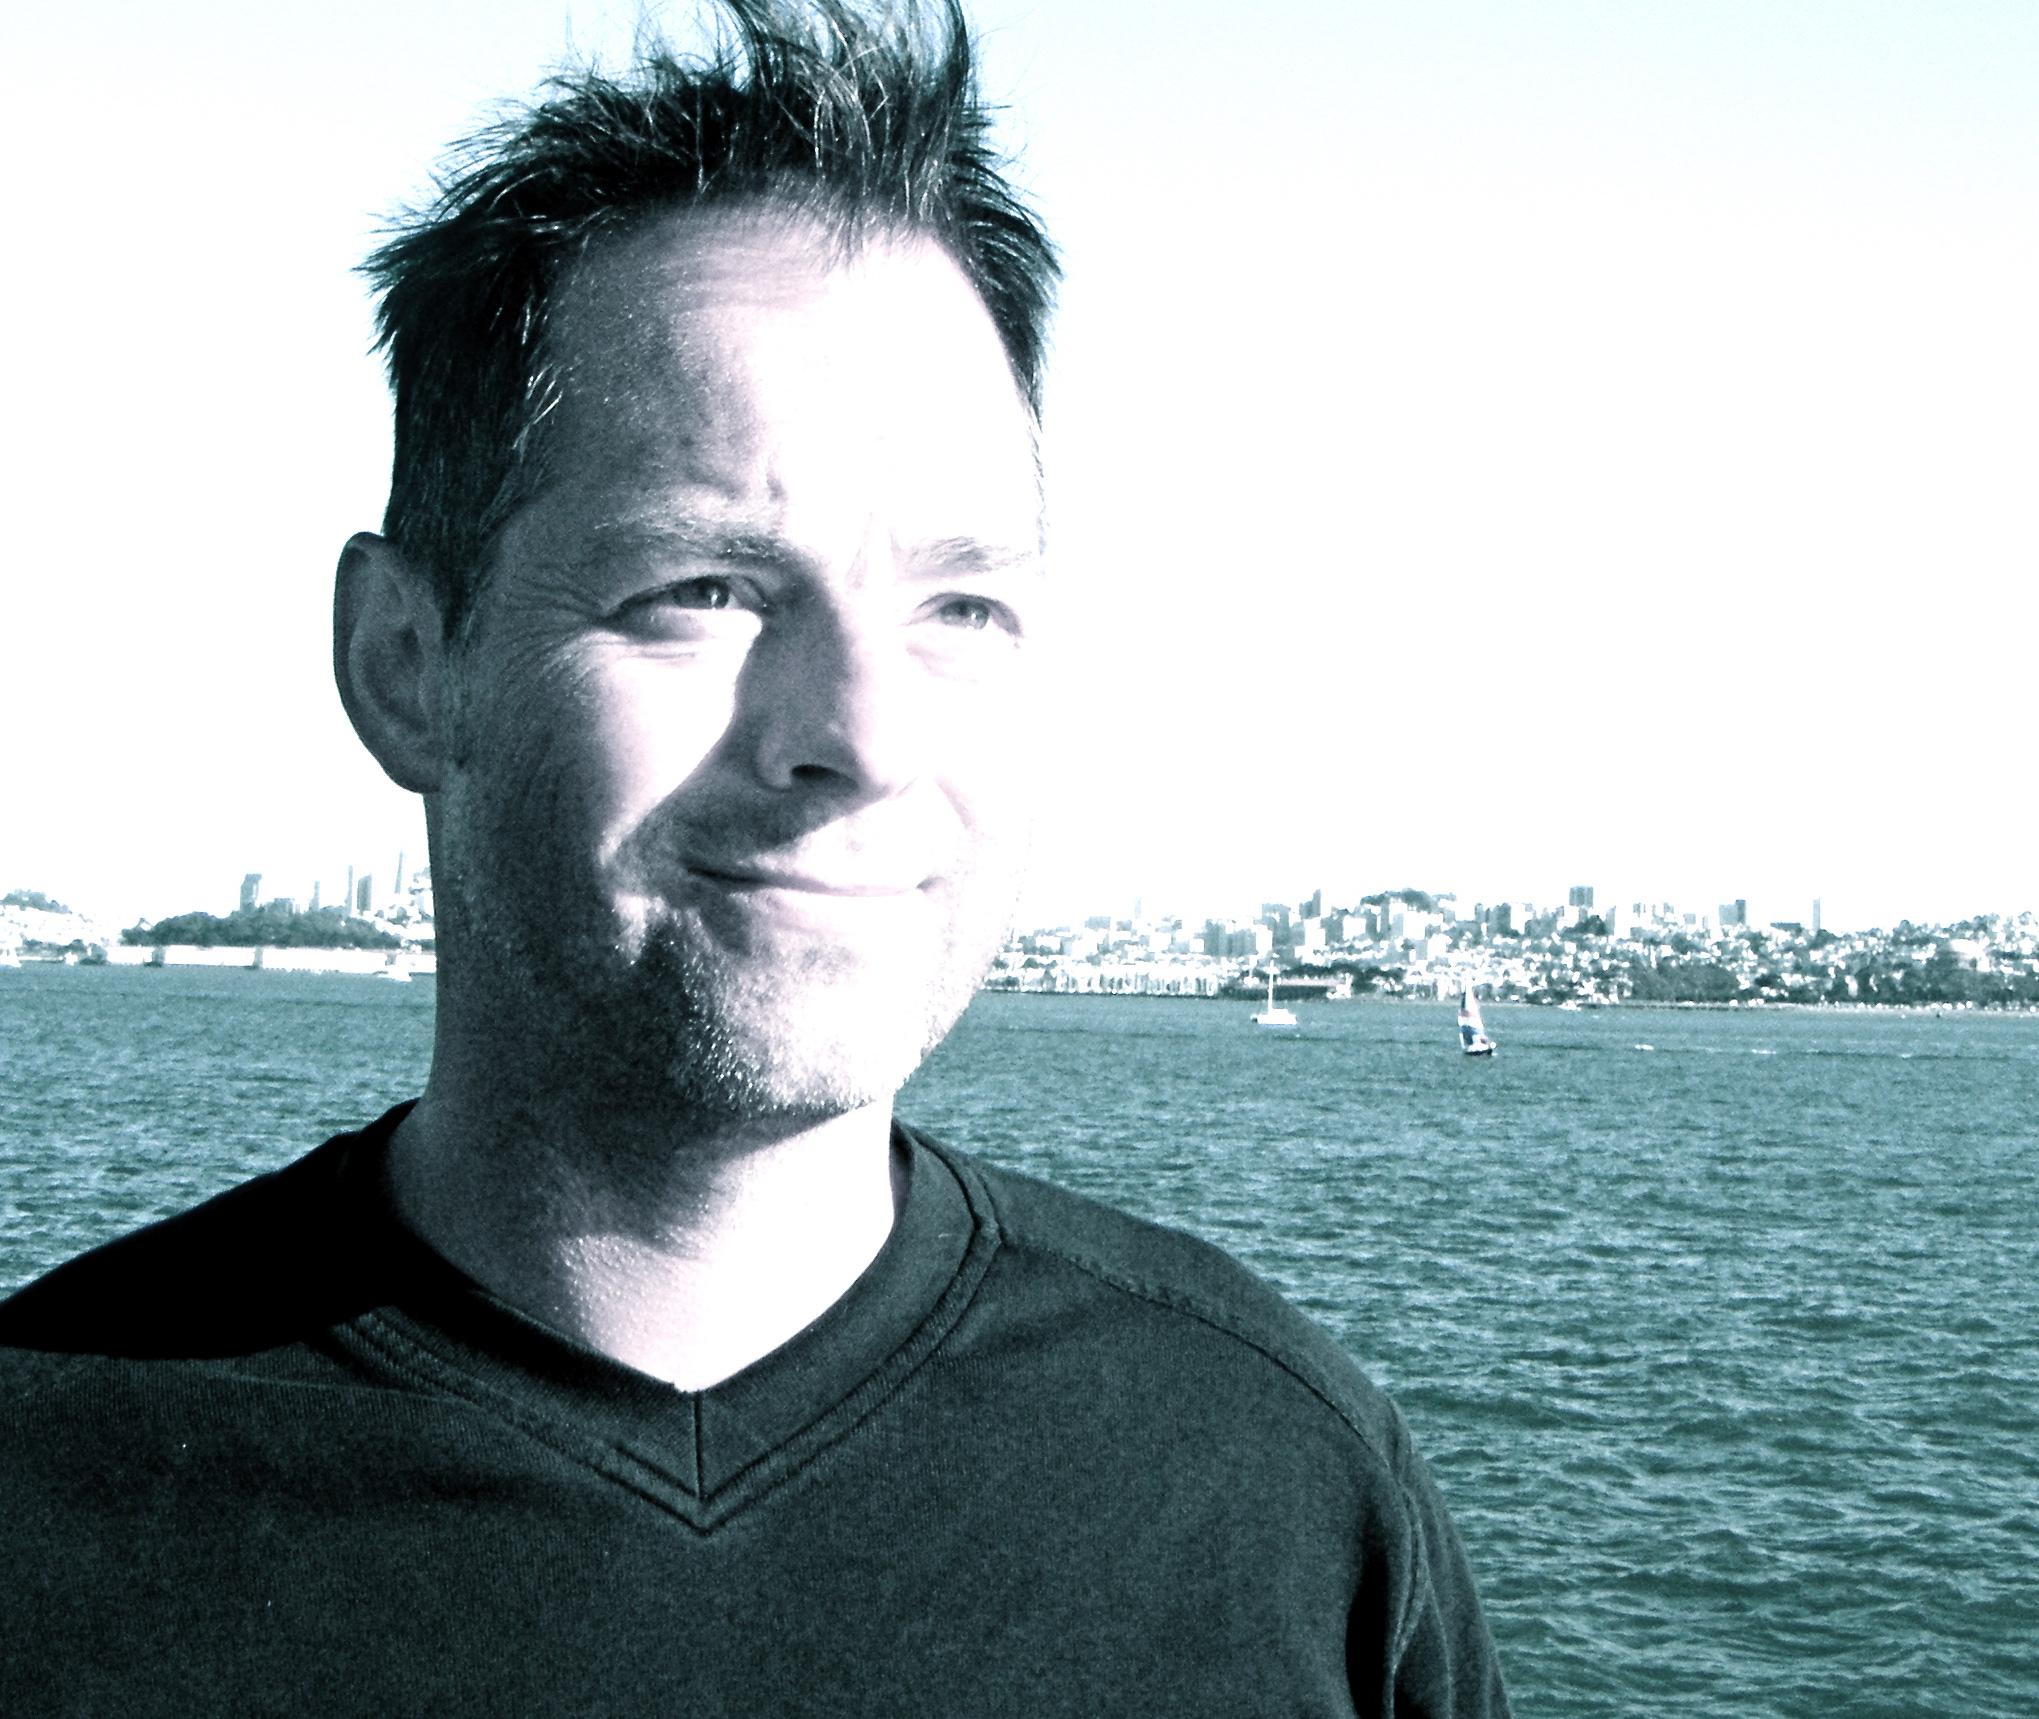 Jeff Haslam